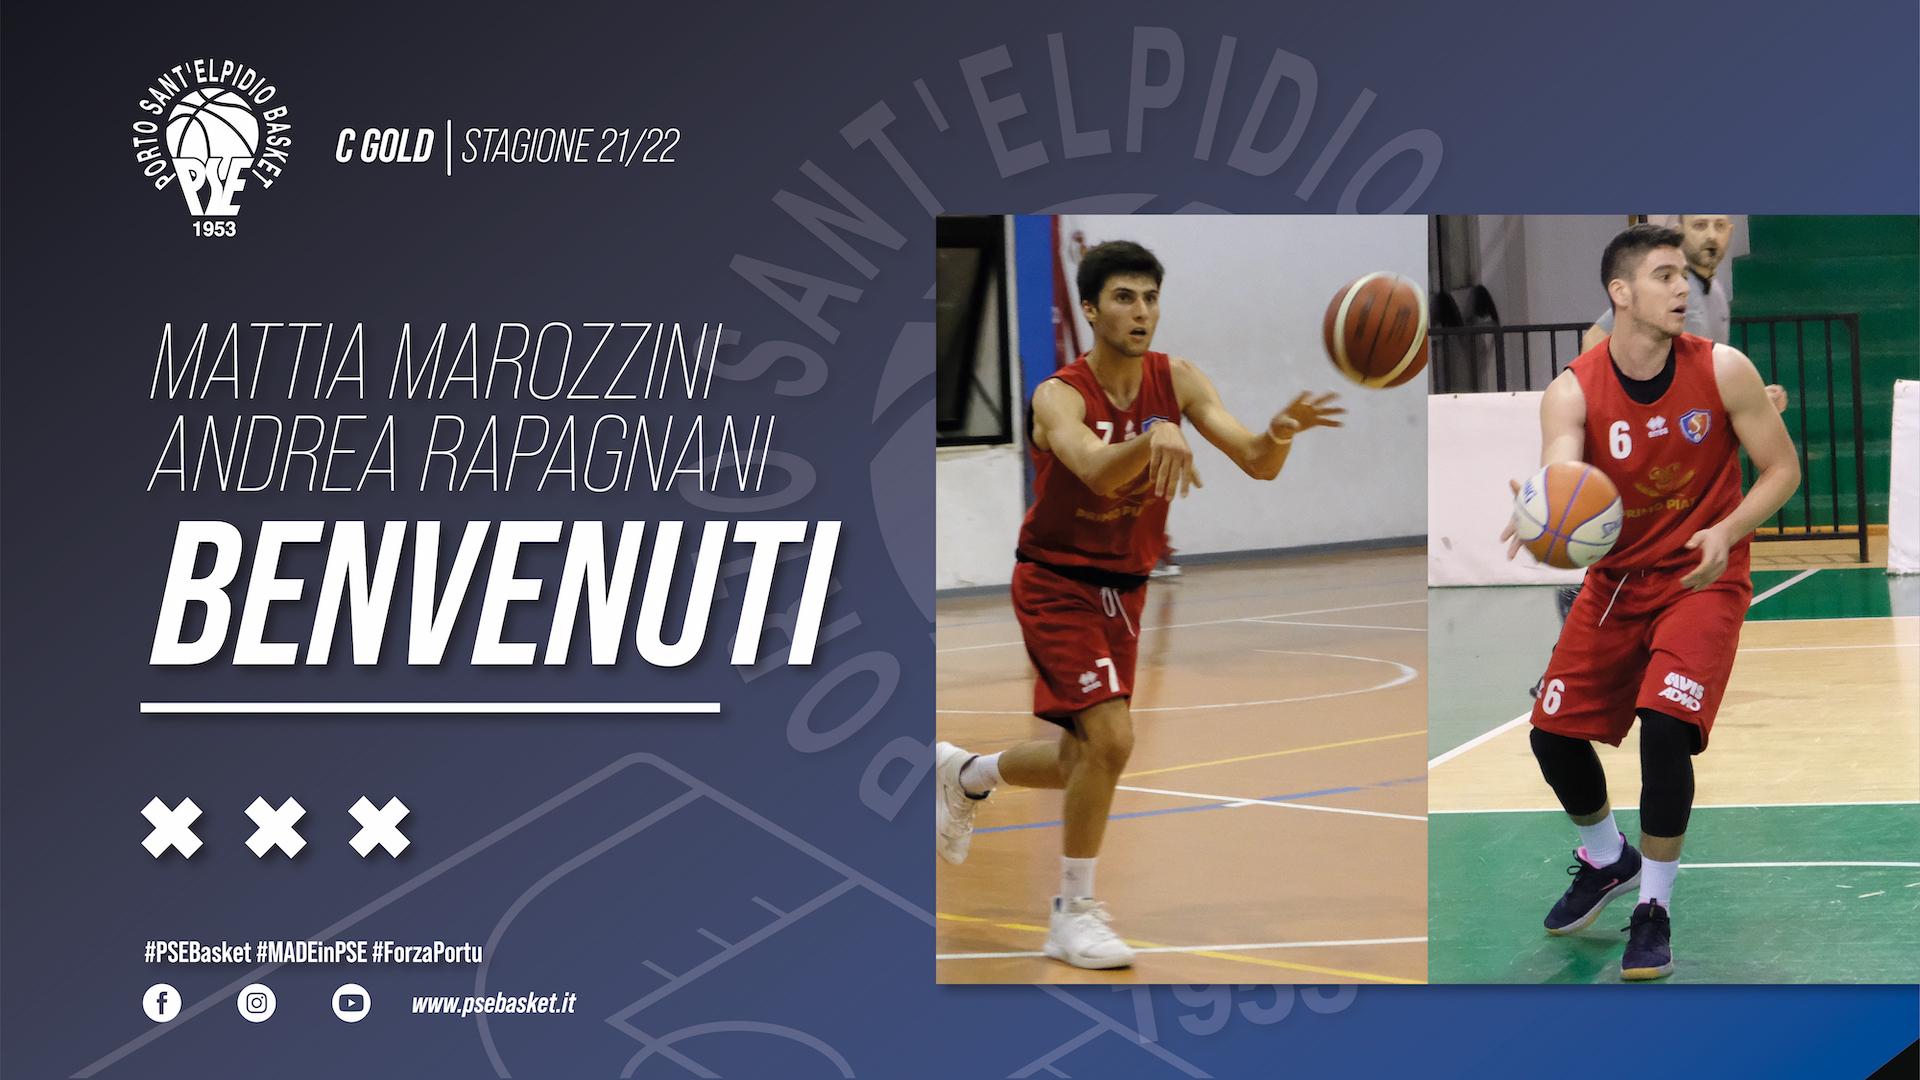 Avanti con la linea verde: Marozzini & Rapagnani biancoazzurri!